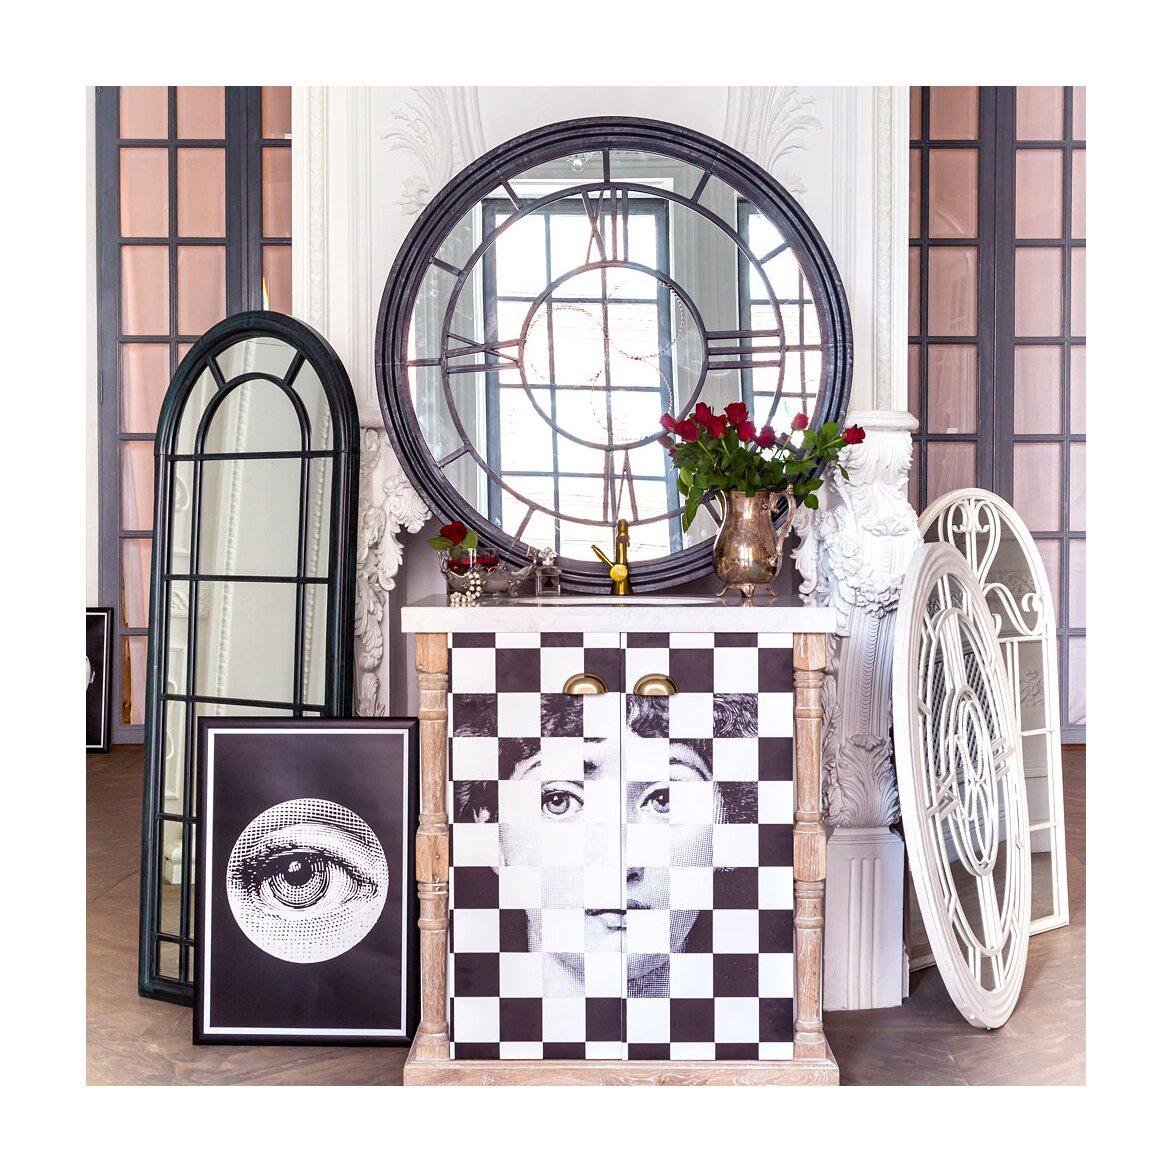 Настенное зеркало «Сен-Лазар» (черный антик) 2 | Настенные зеркала Kingsby